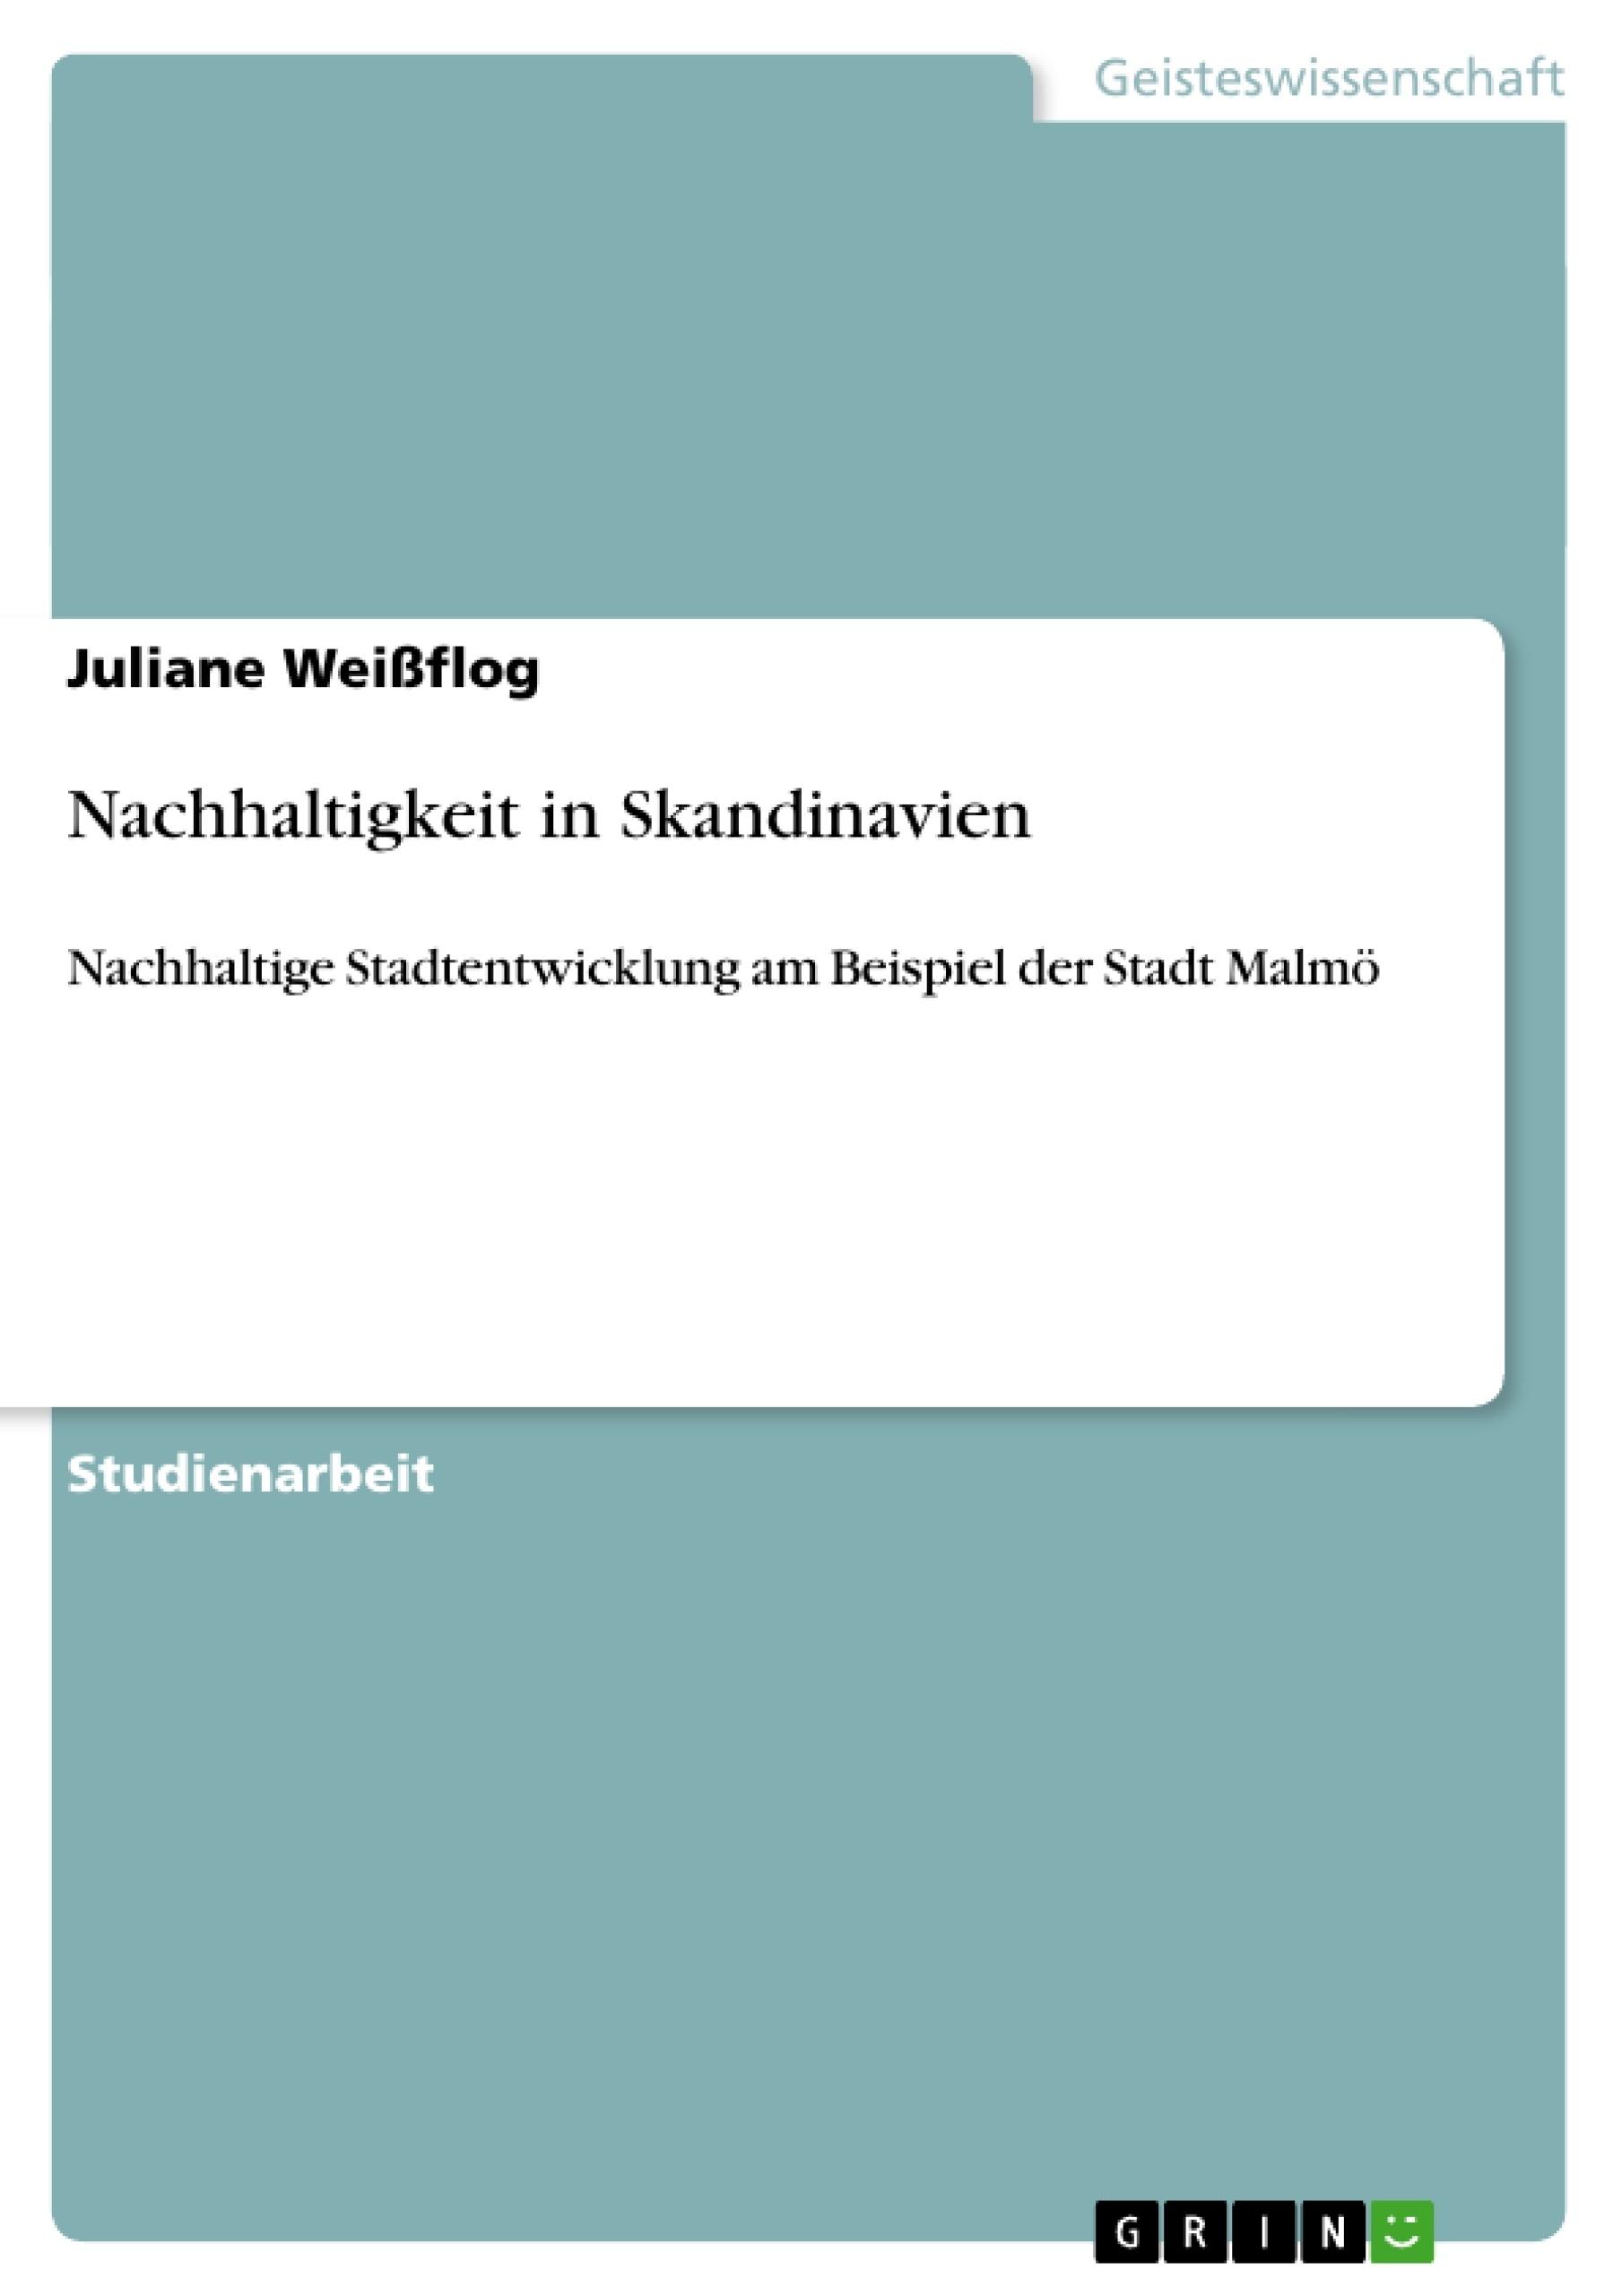 Titel: Nachhaltigkeit in Skandinavien